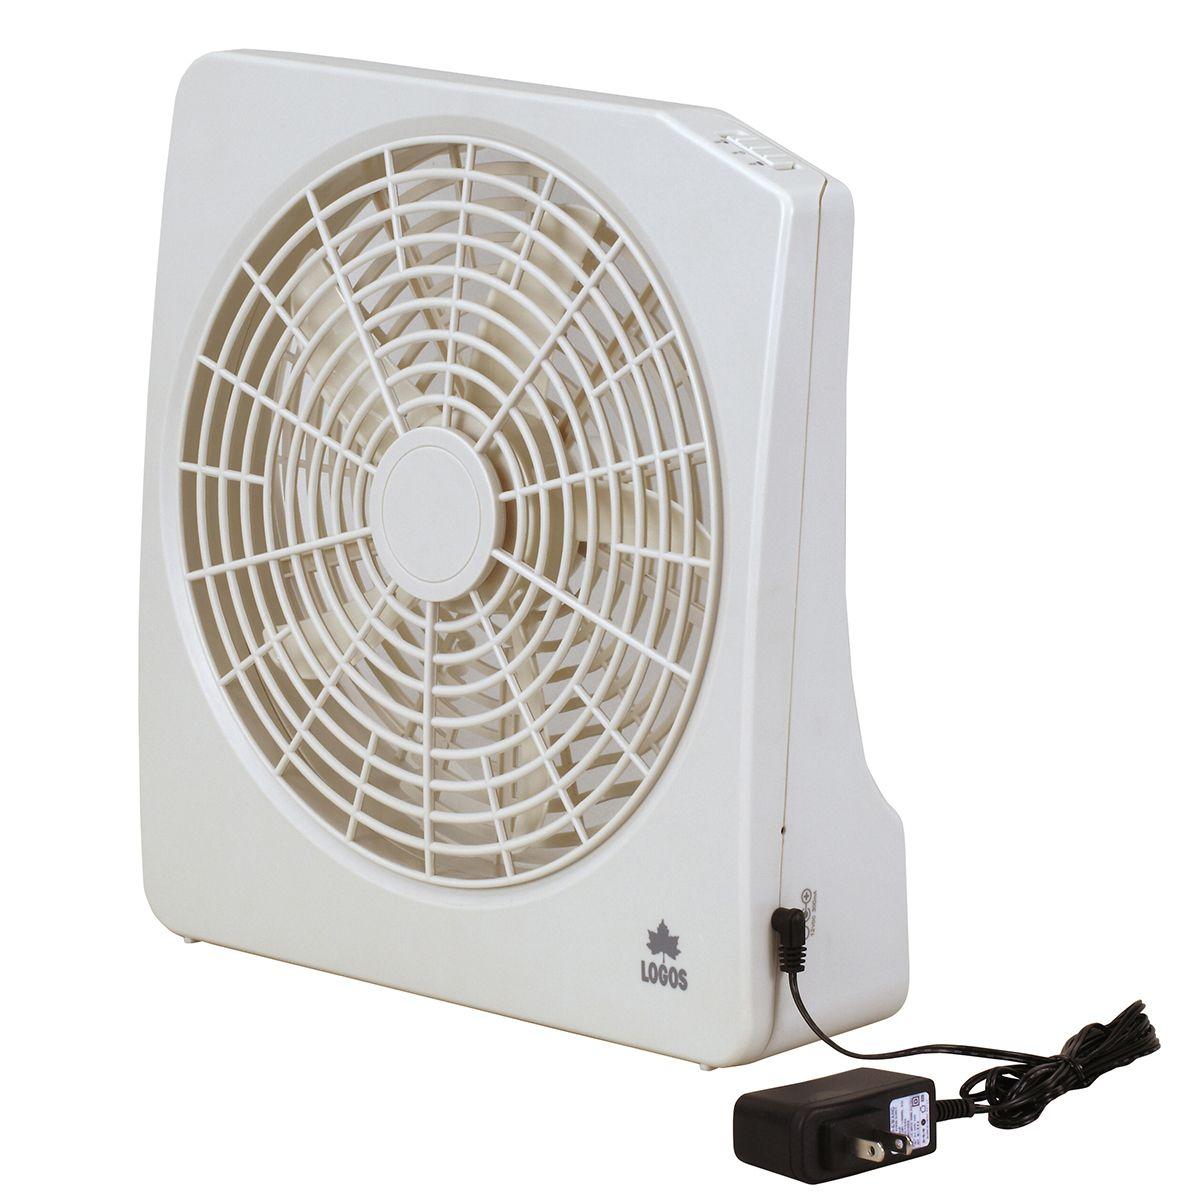 LOGOS ロゴス/2電源・どこでも扇風機(AC・電池)